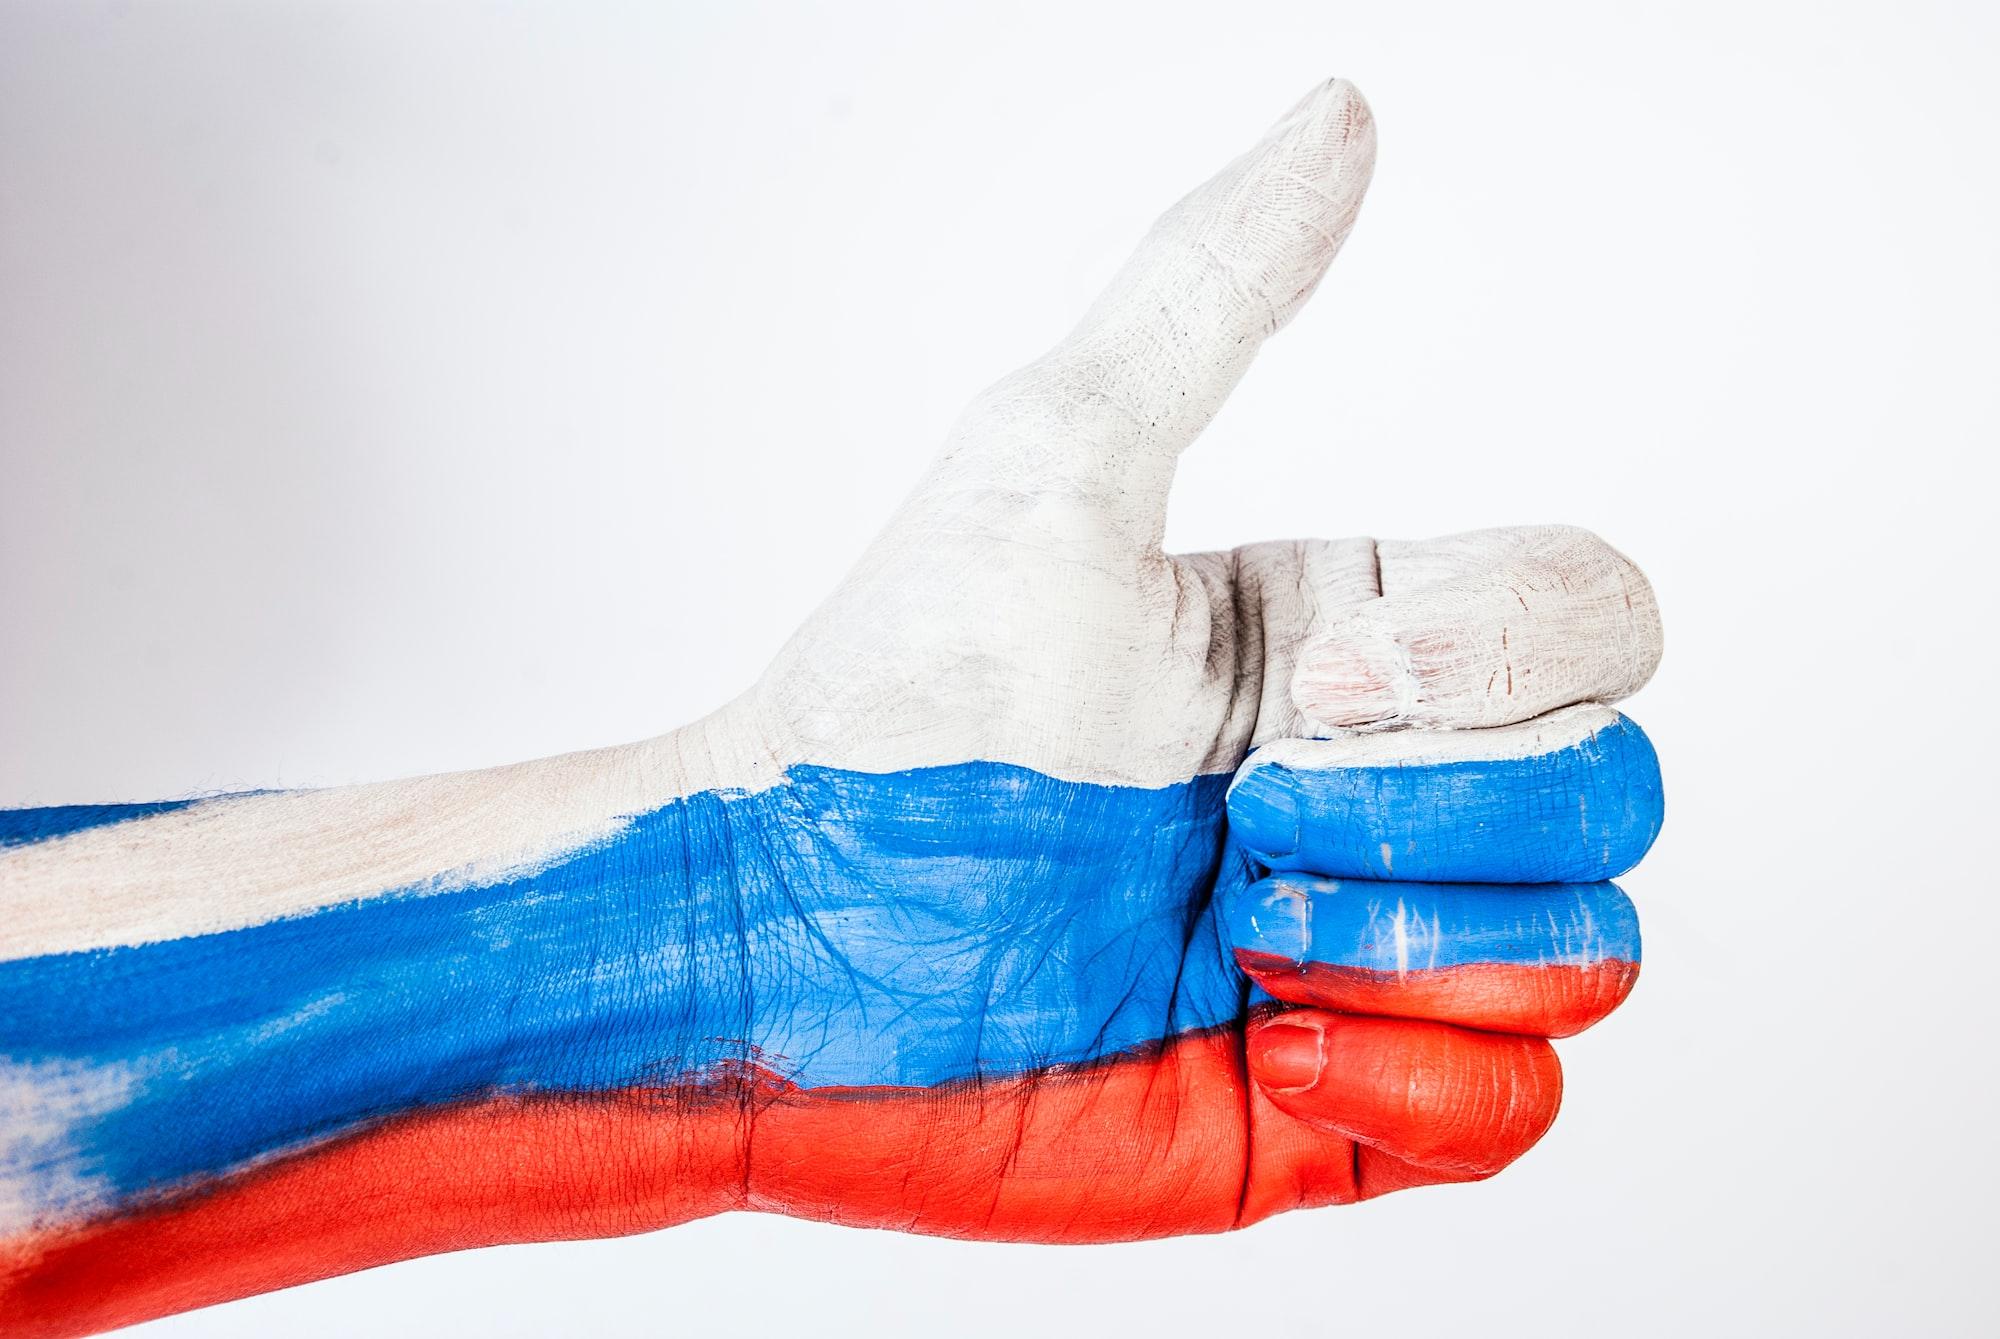 รัสเซียเปิดกว้าง! พร้อมลดโทษด้านการใช้ Crypto แล้ว